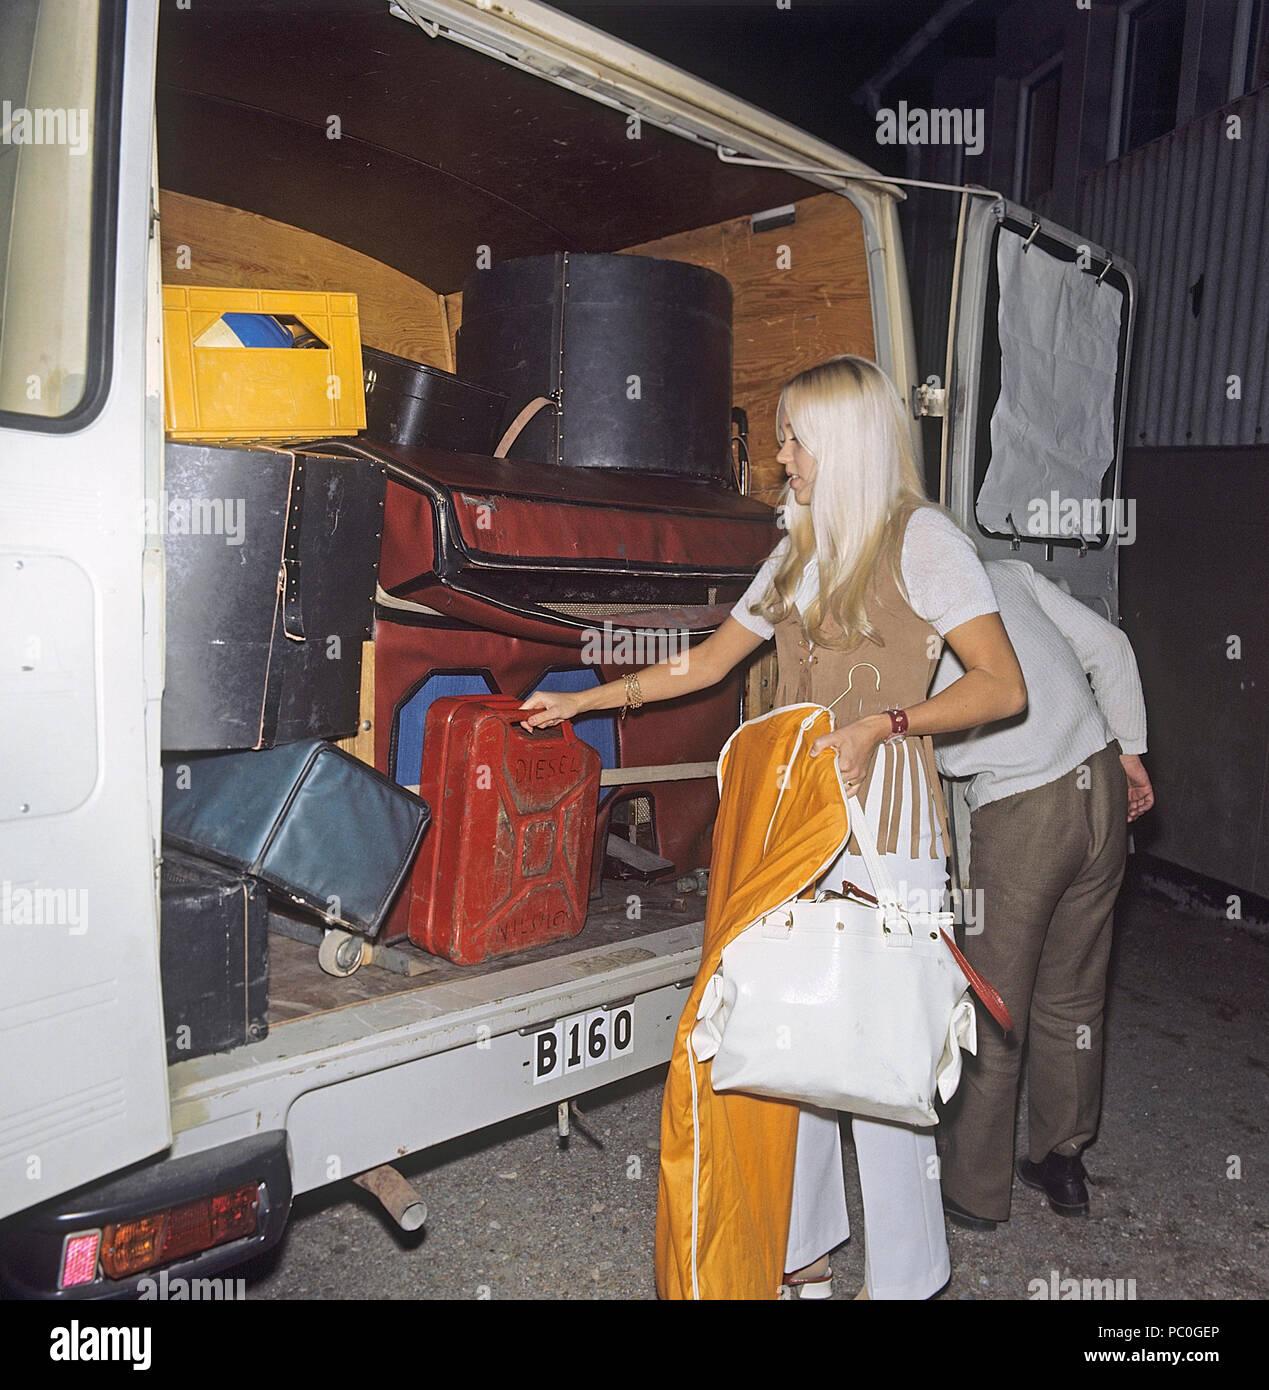 Agnetha Fältskog. Sänger. Mitglied der Popgruppe ABBA. Geboren 1950. Hier im Bild 1970 bei Touren in Schweden mit dem Agnetha Fältskogs zeigen. Foto: Kristoffersson Stockbild